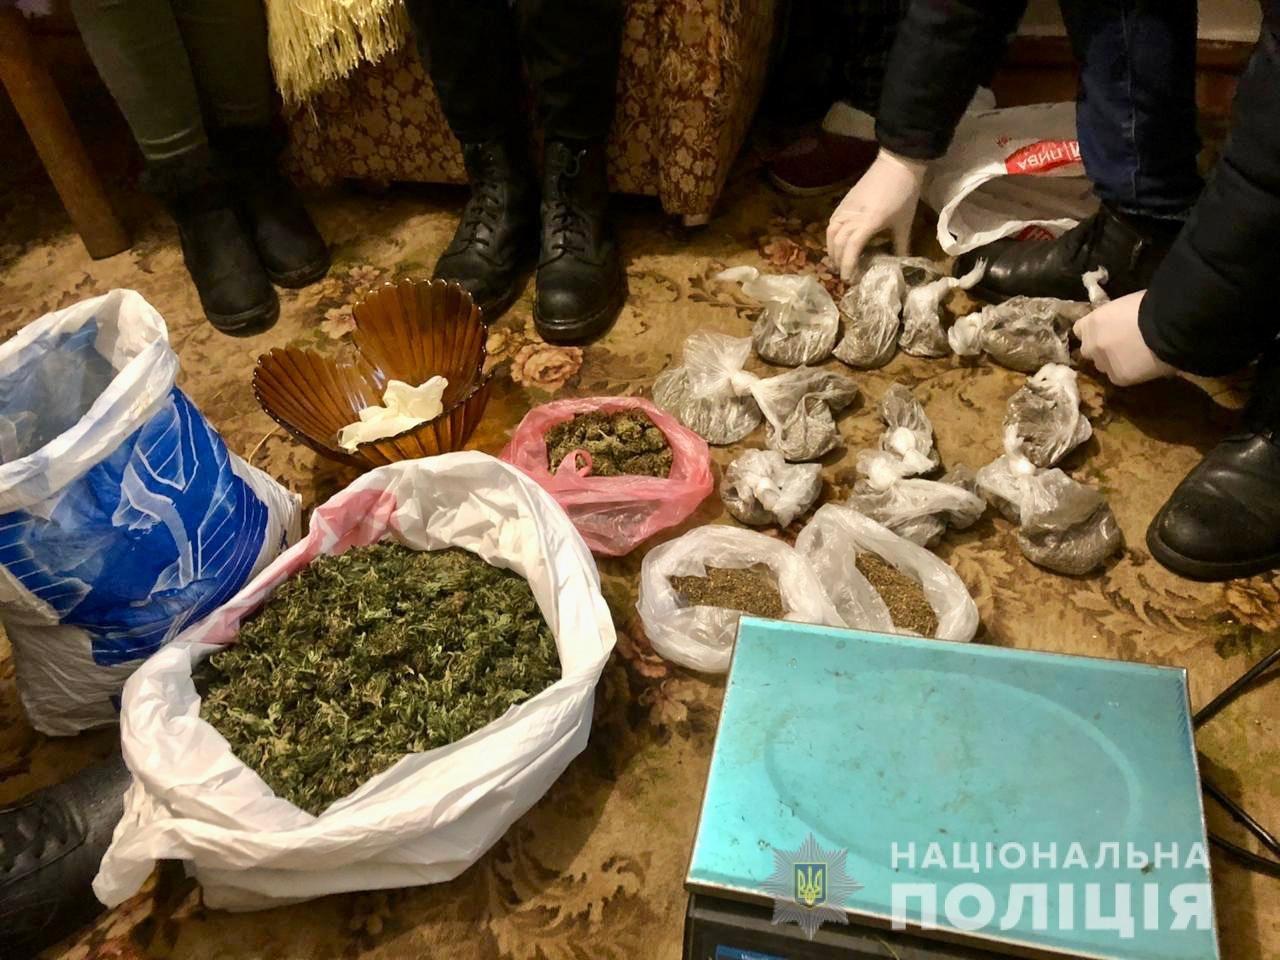 В Днепропетровской области в ходе спецоперации изъяли наркотиков на сумму более миллиона гривен, - ФОТО, ВИДЕО, фото-2